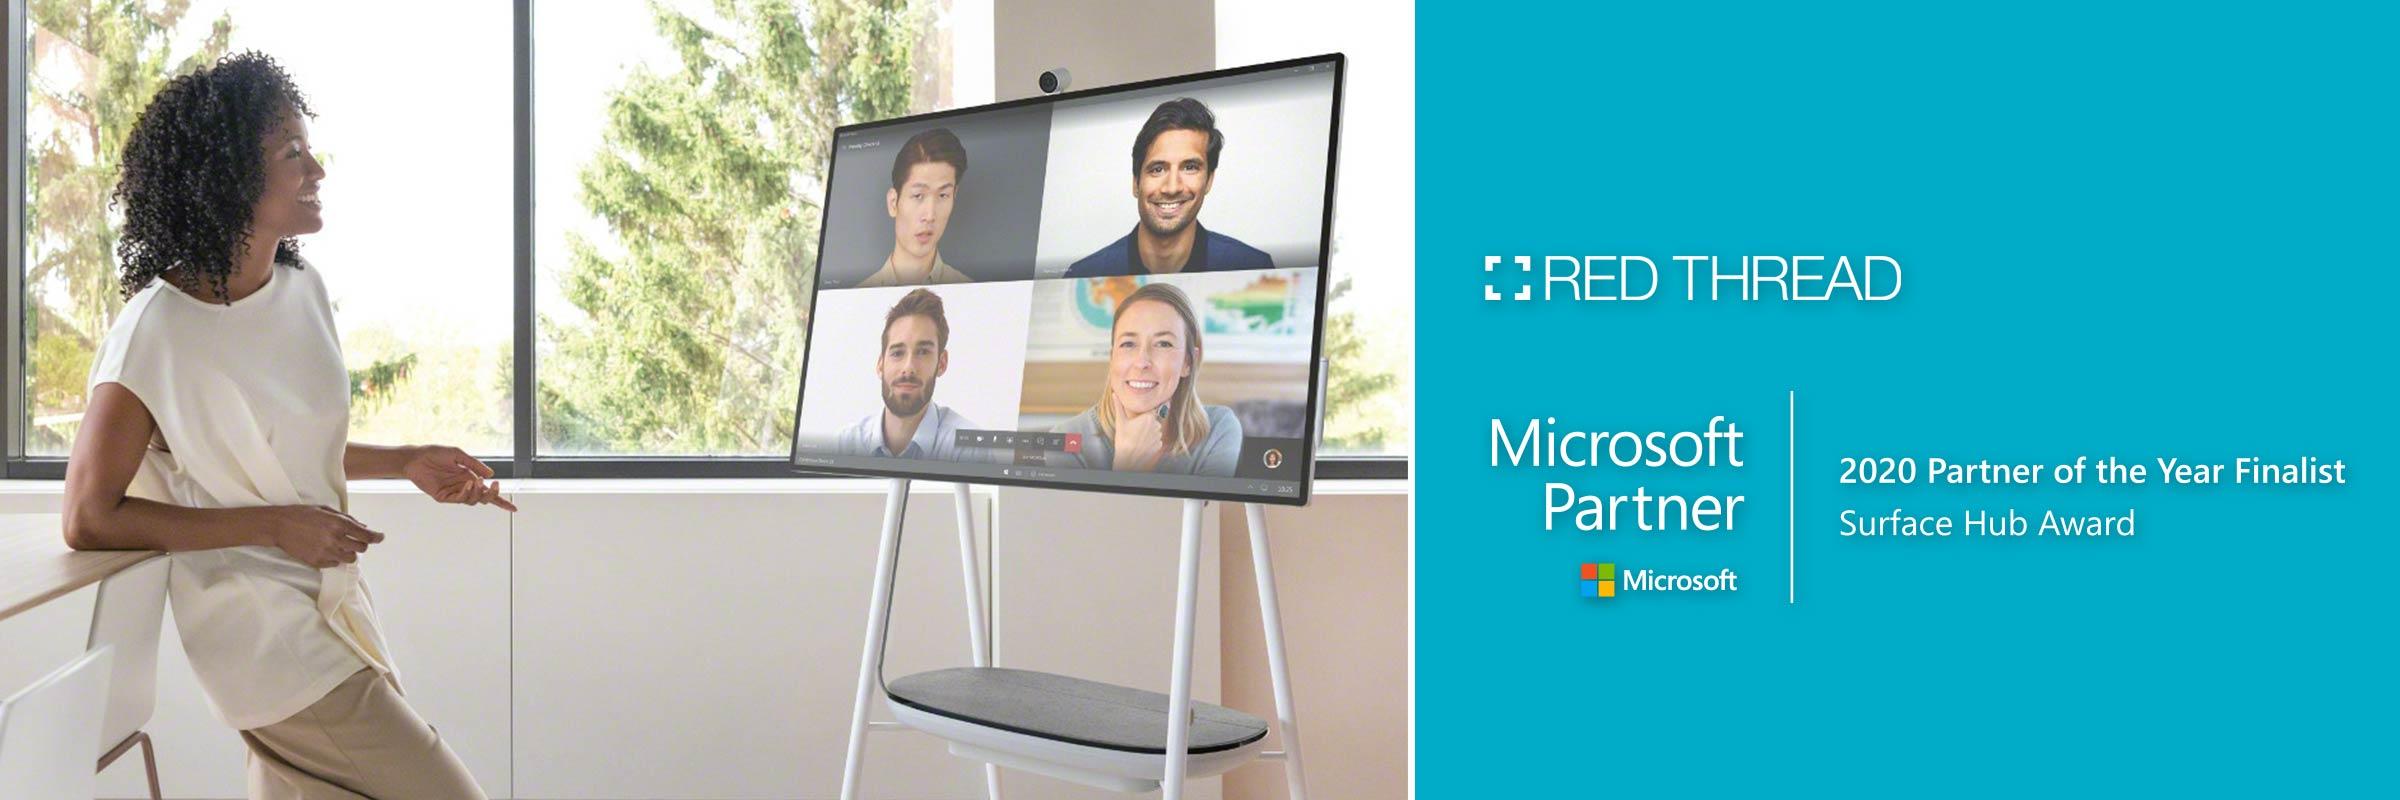 Microsoft Partner Award 2020 Surface Hub Award